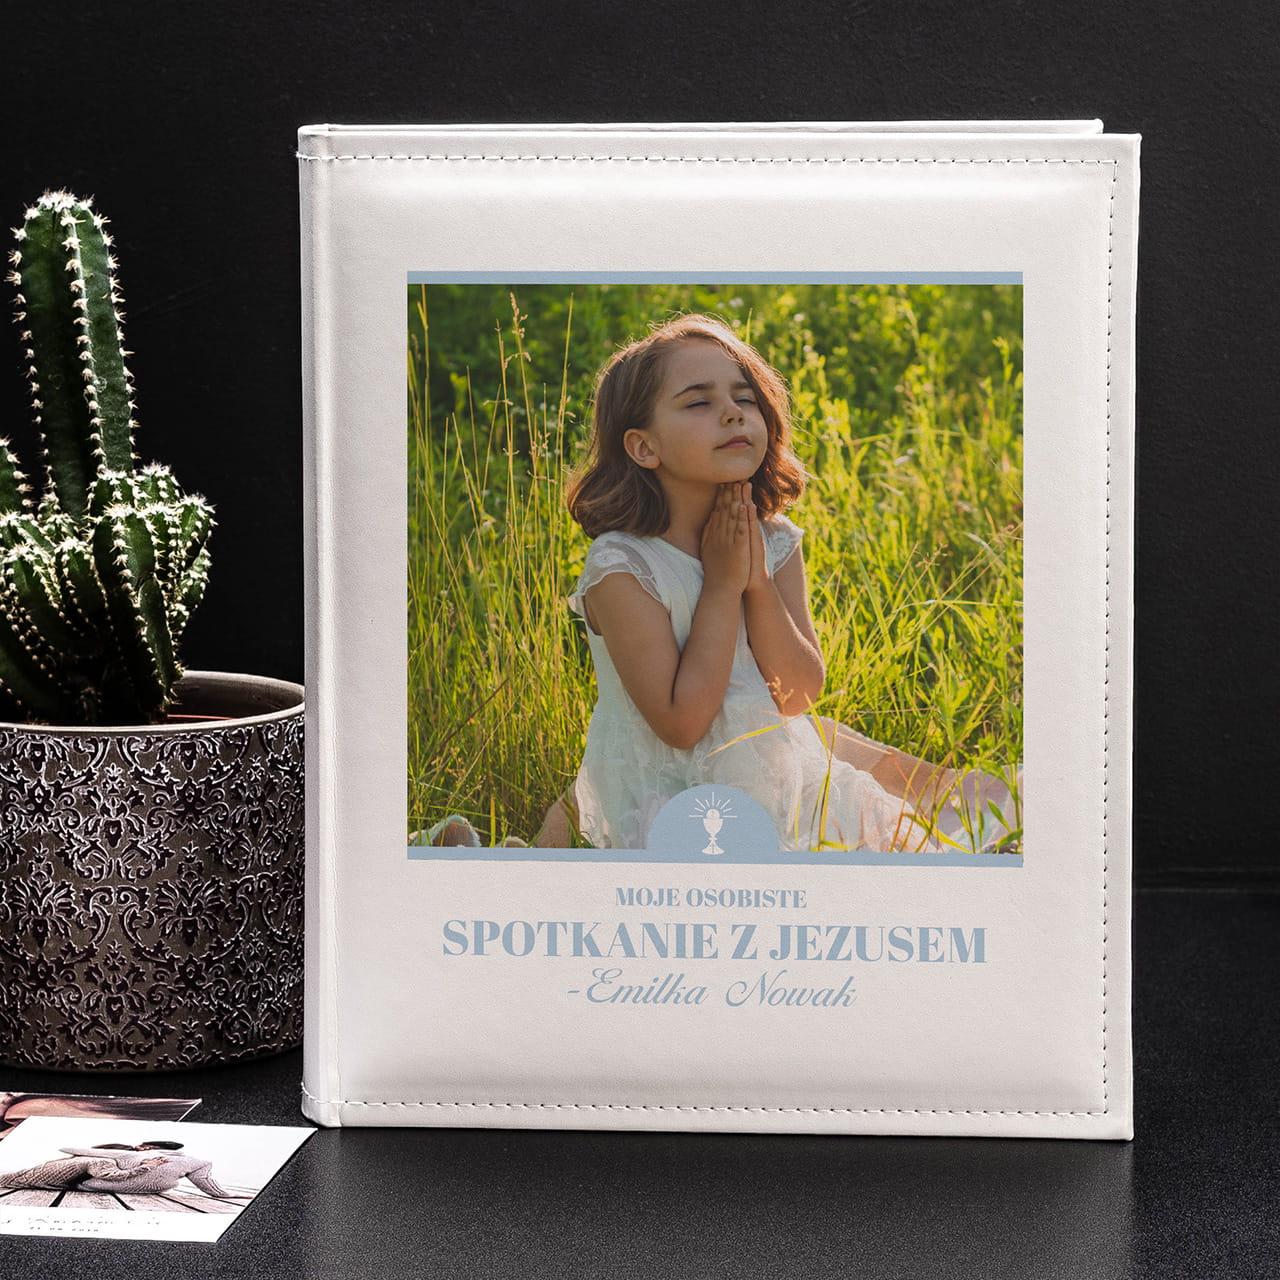 Album na zdjęcia KOMUNIA ŚWIĘTA to super prezent na Komunię